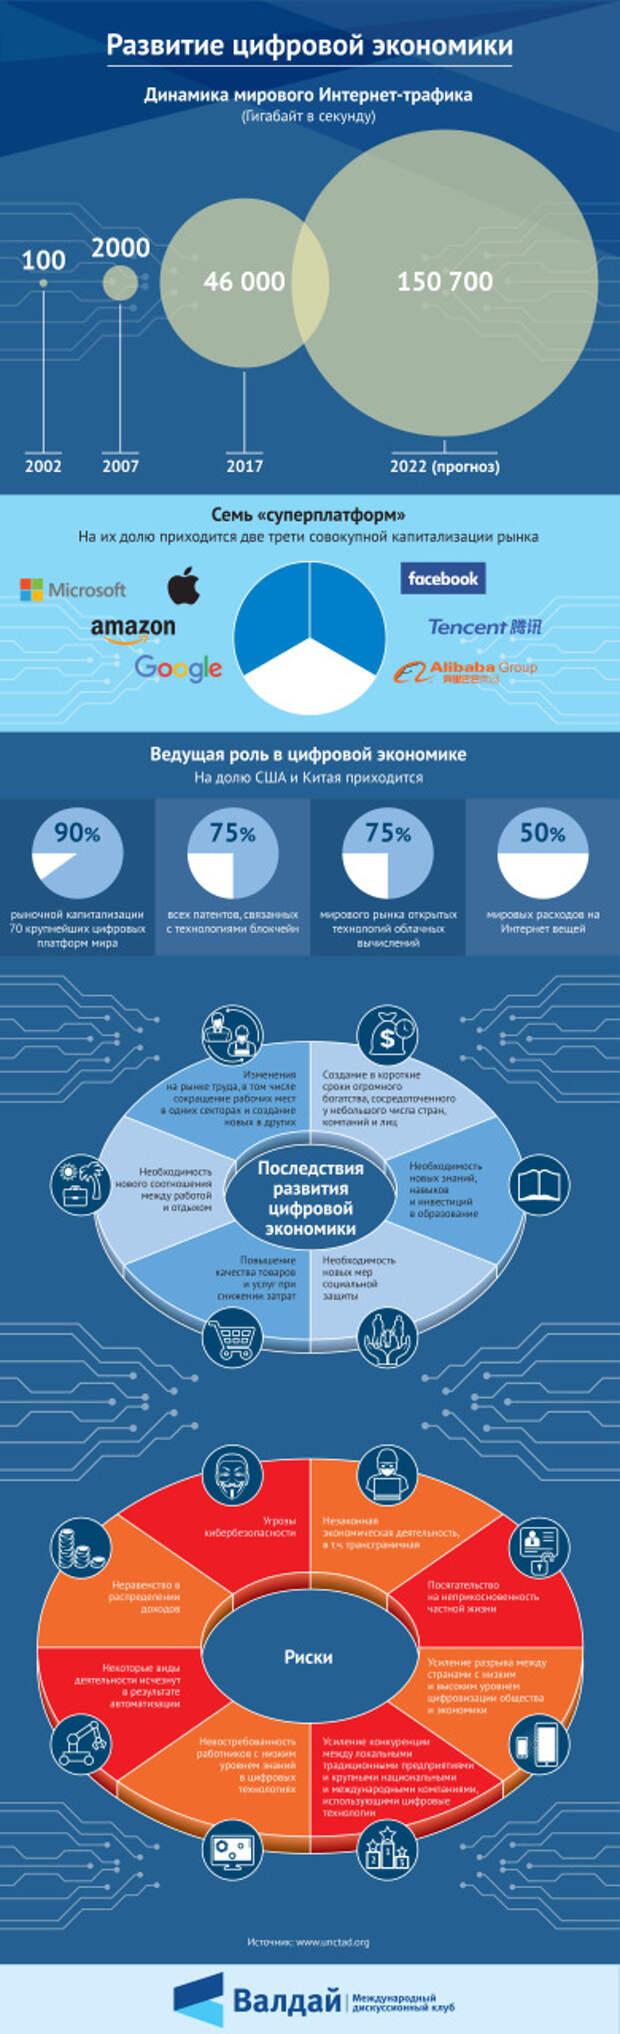 Развитие цифровой экономики